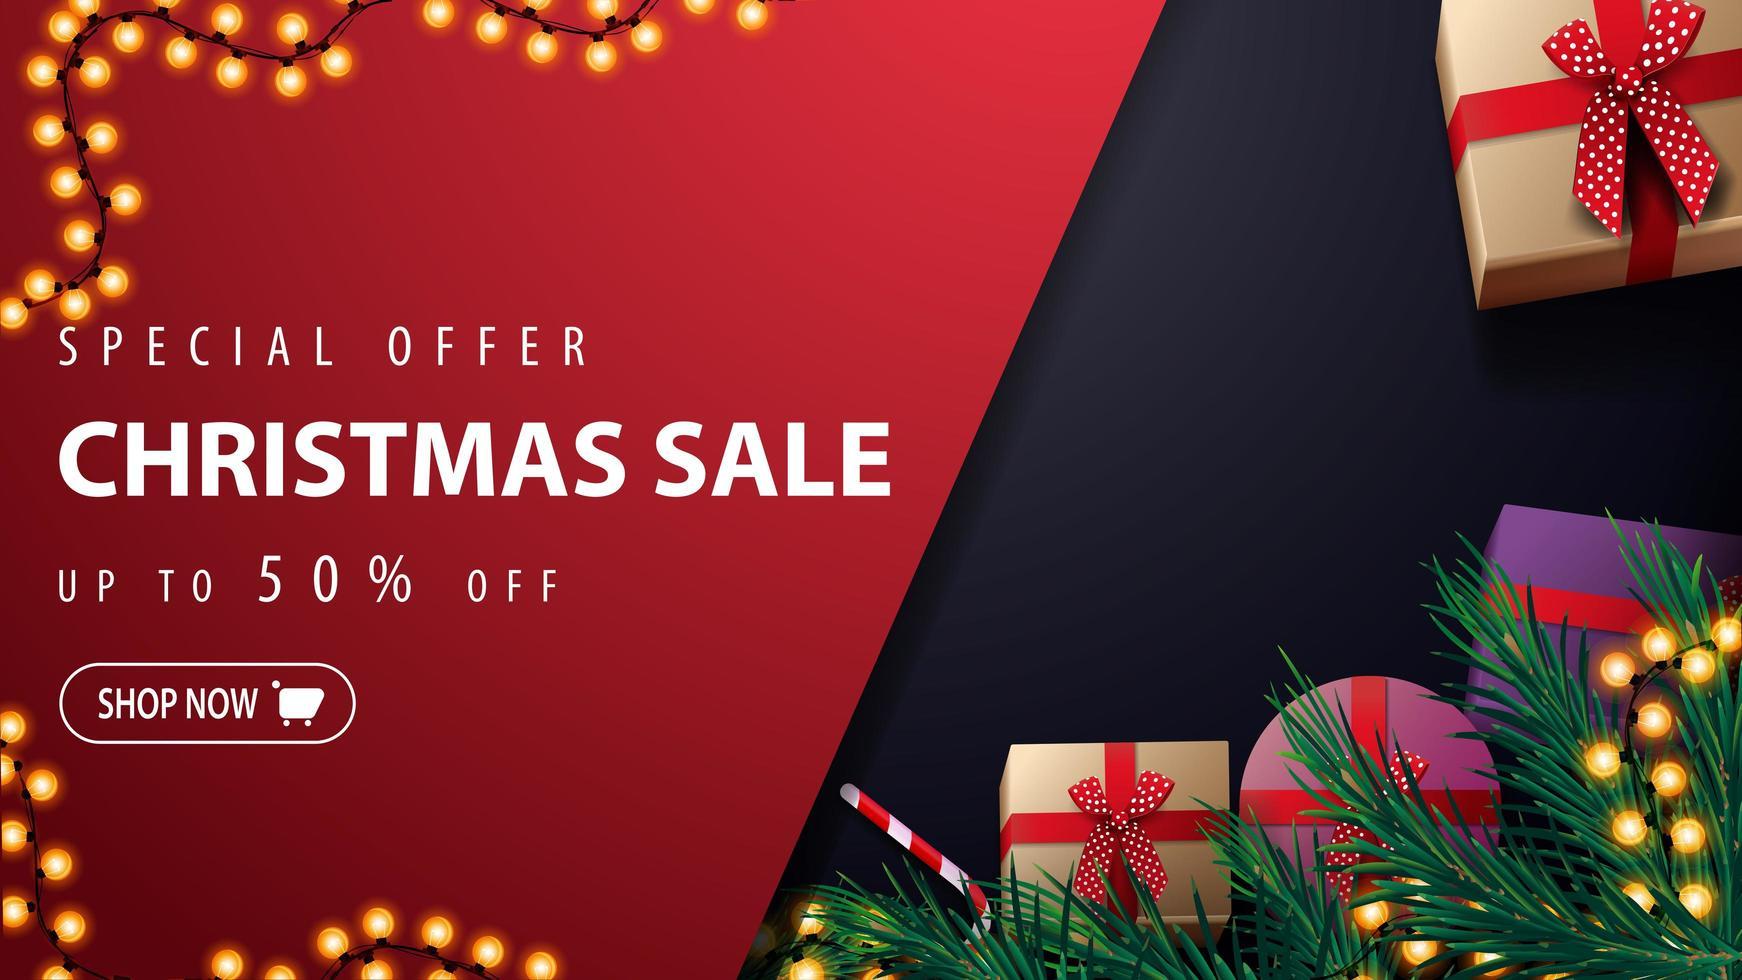 specialerbjudande, julförsäljning, upp till 50 rabatt, röd och blå rabattbanner med krans, julgran, presenter och godisburk, ovanifrån vektor